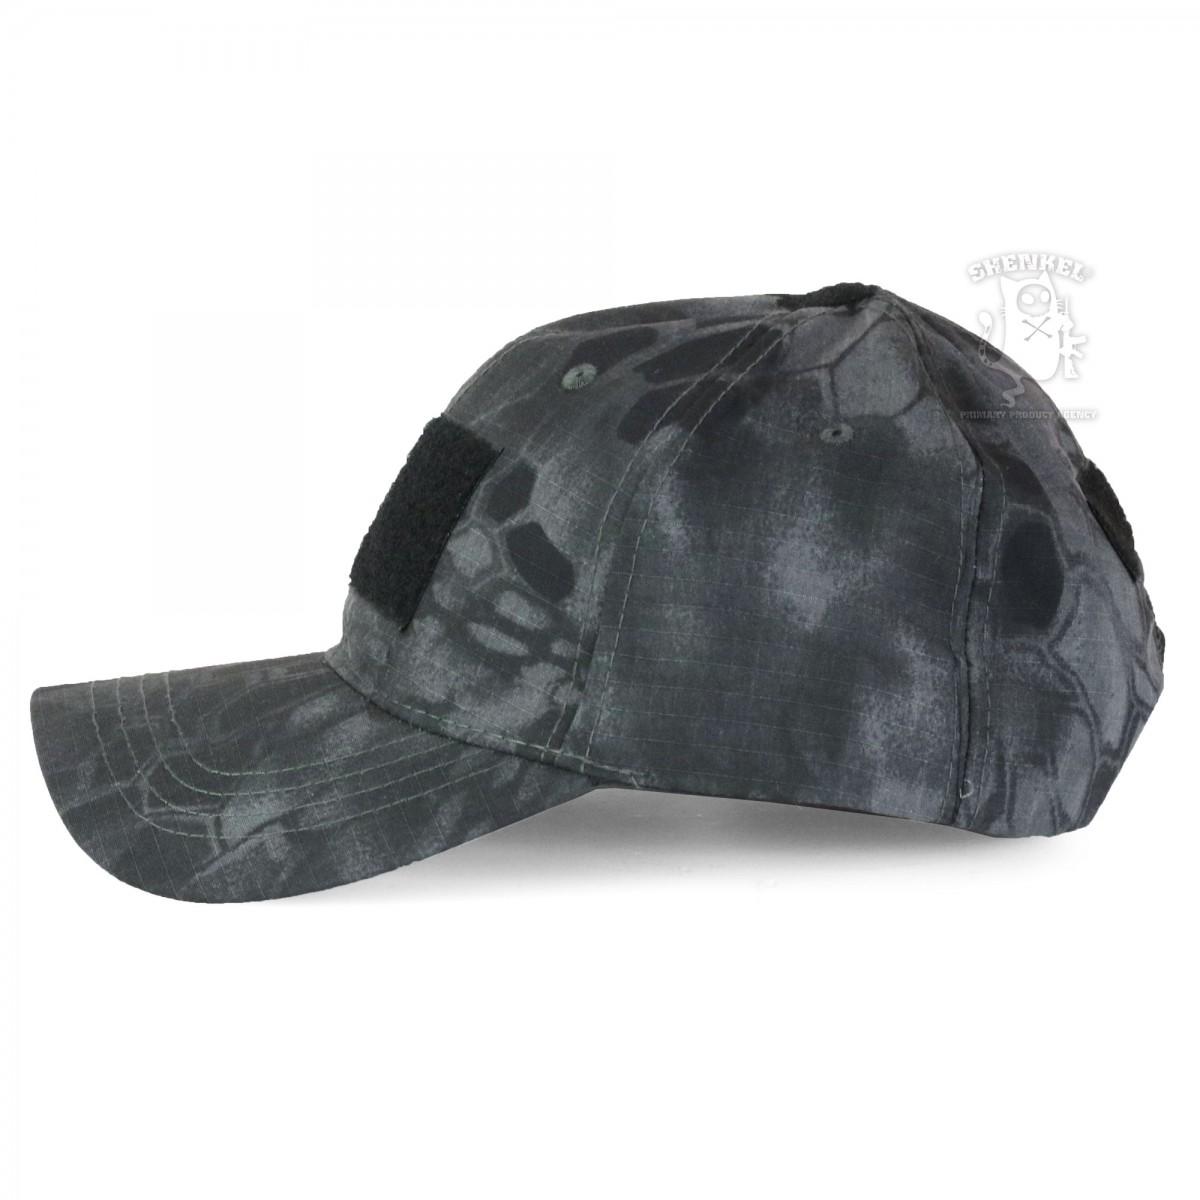 ベースボールキャップ  フリーサイズ  帽子